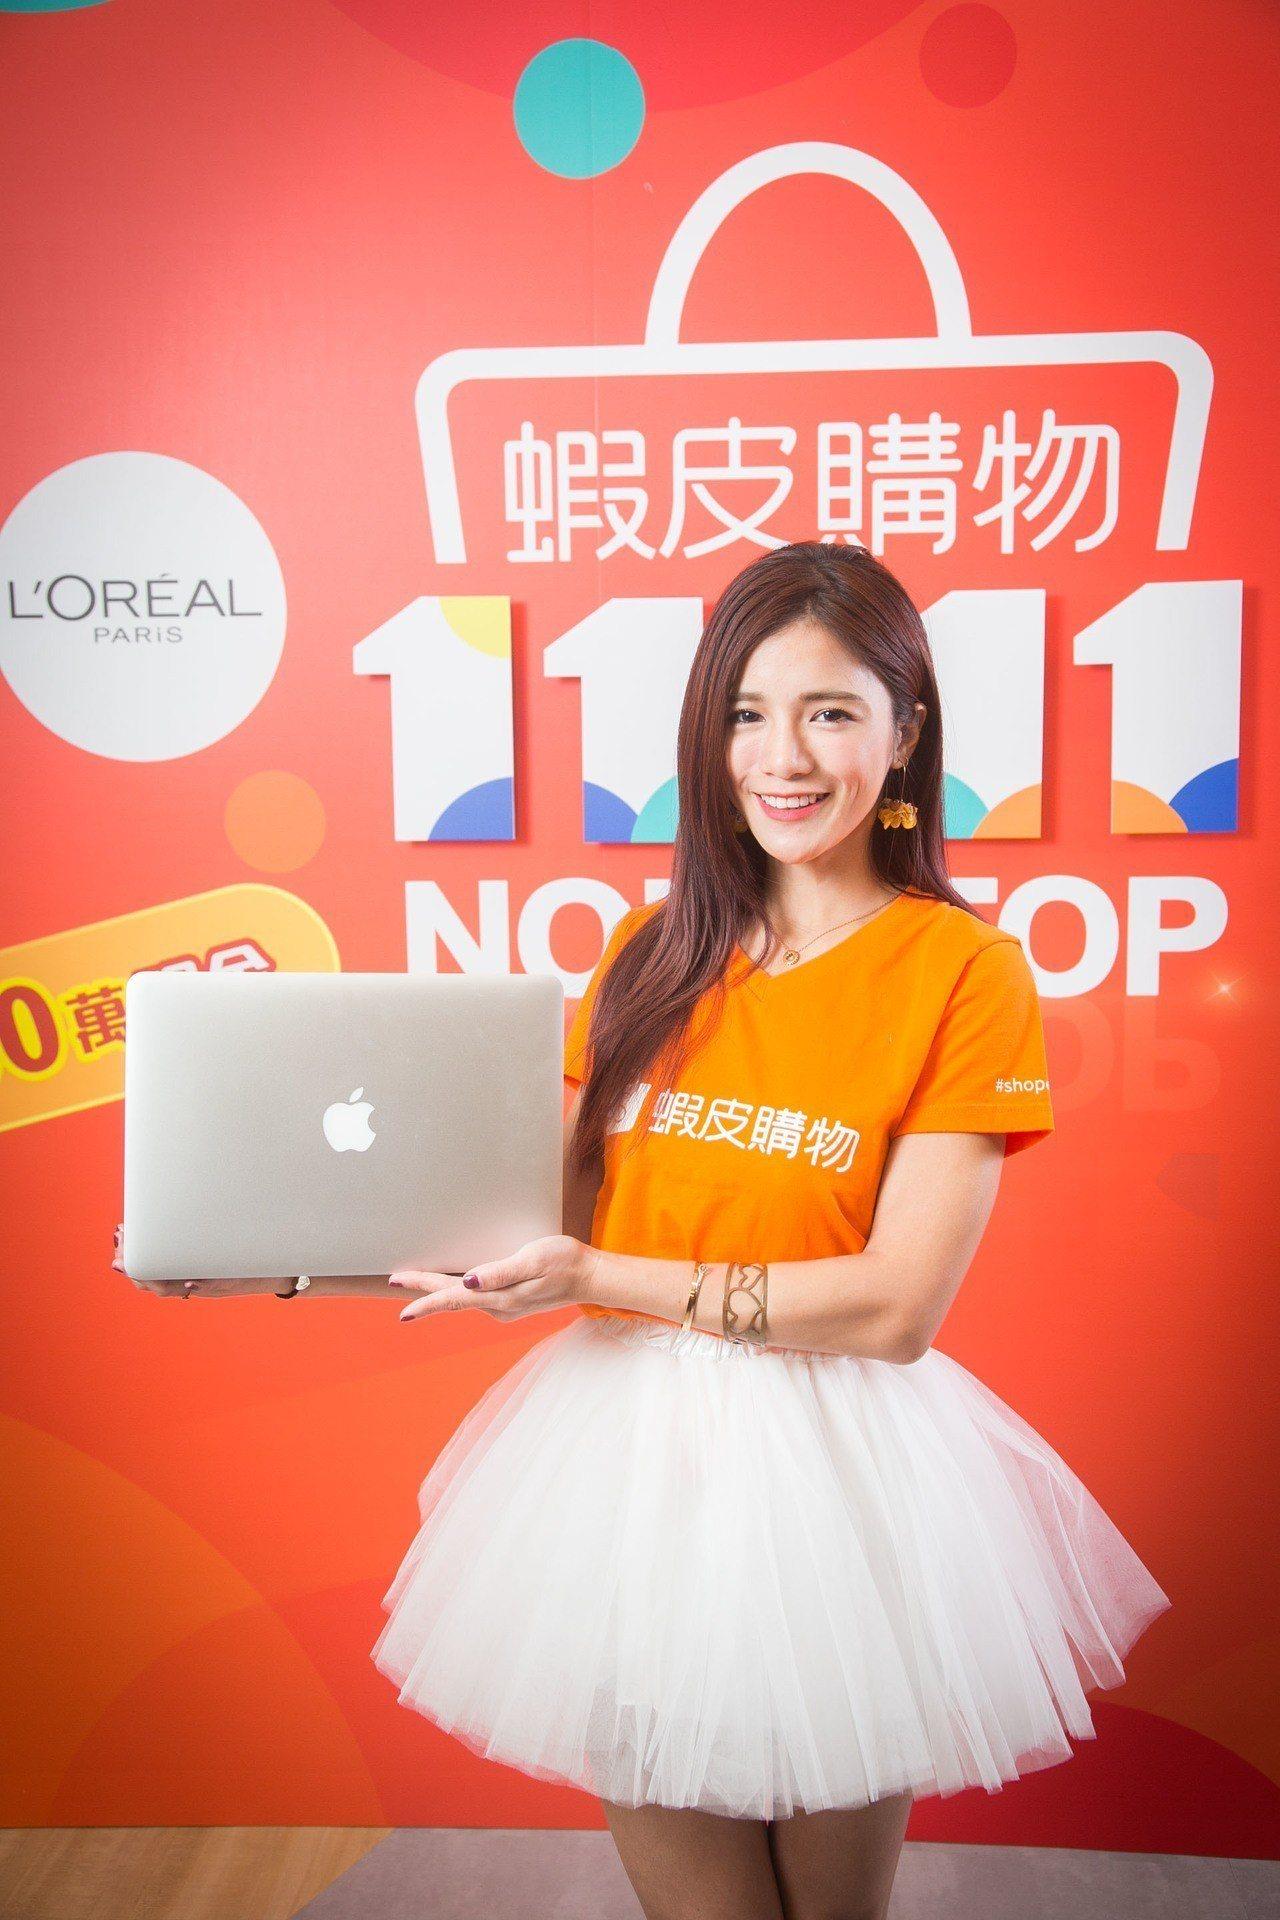 蝦皮購物雙11當天舉辦整點瘋搶活動,Apple MacBook Pro i5 1...